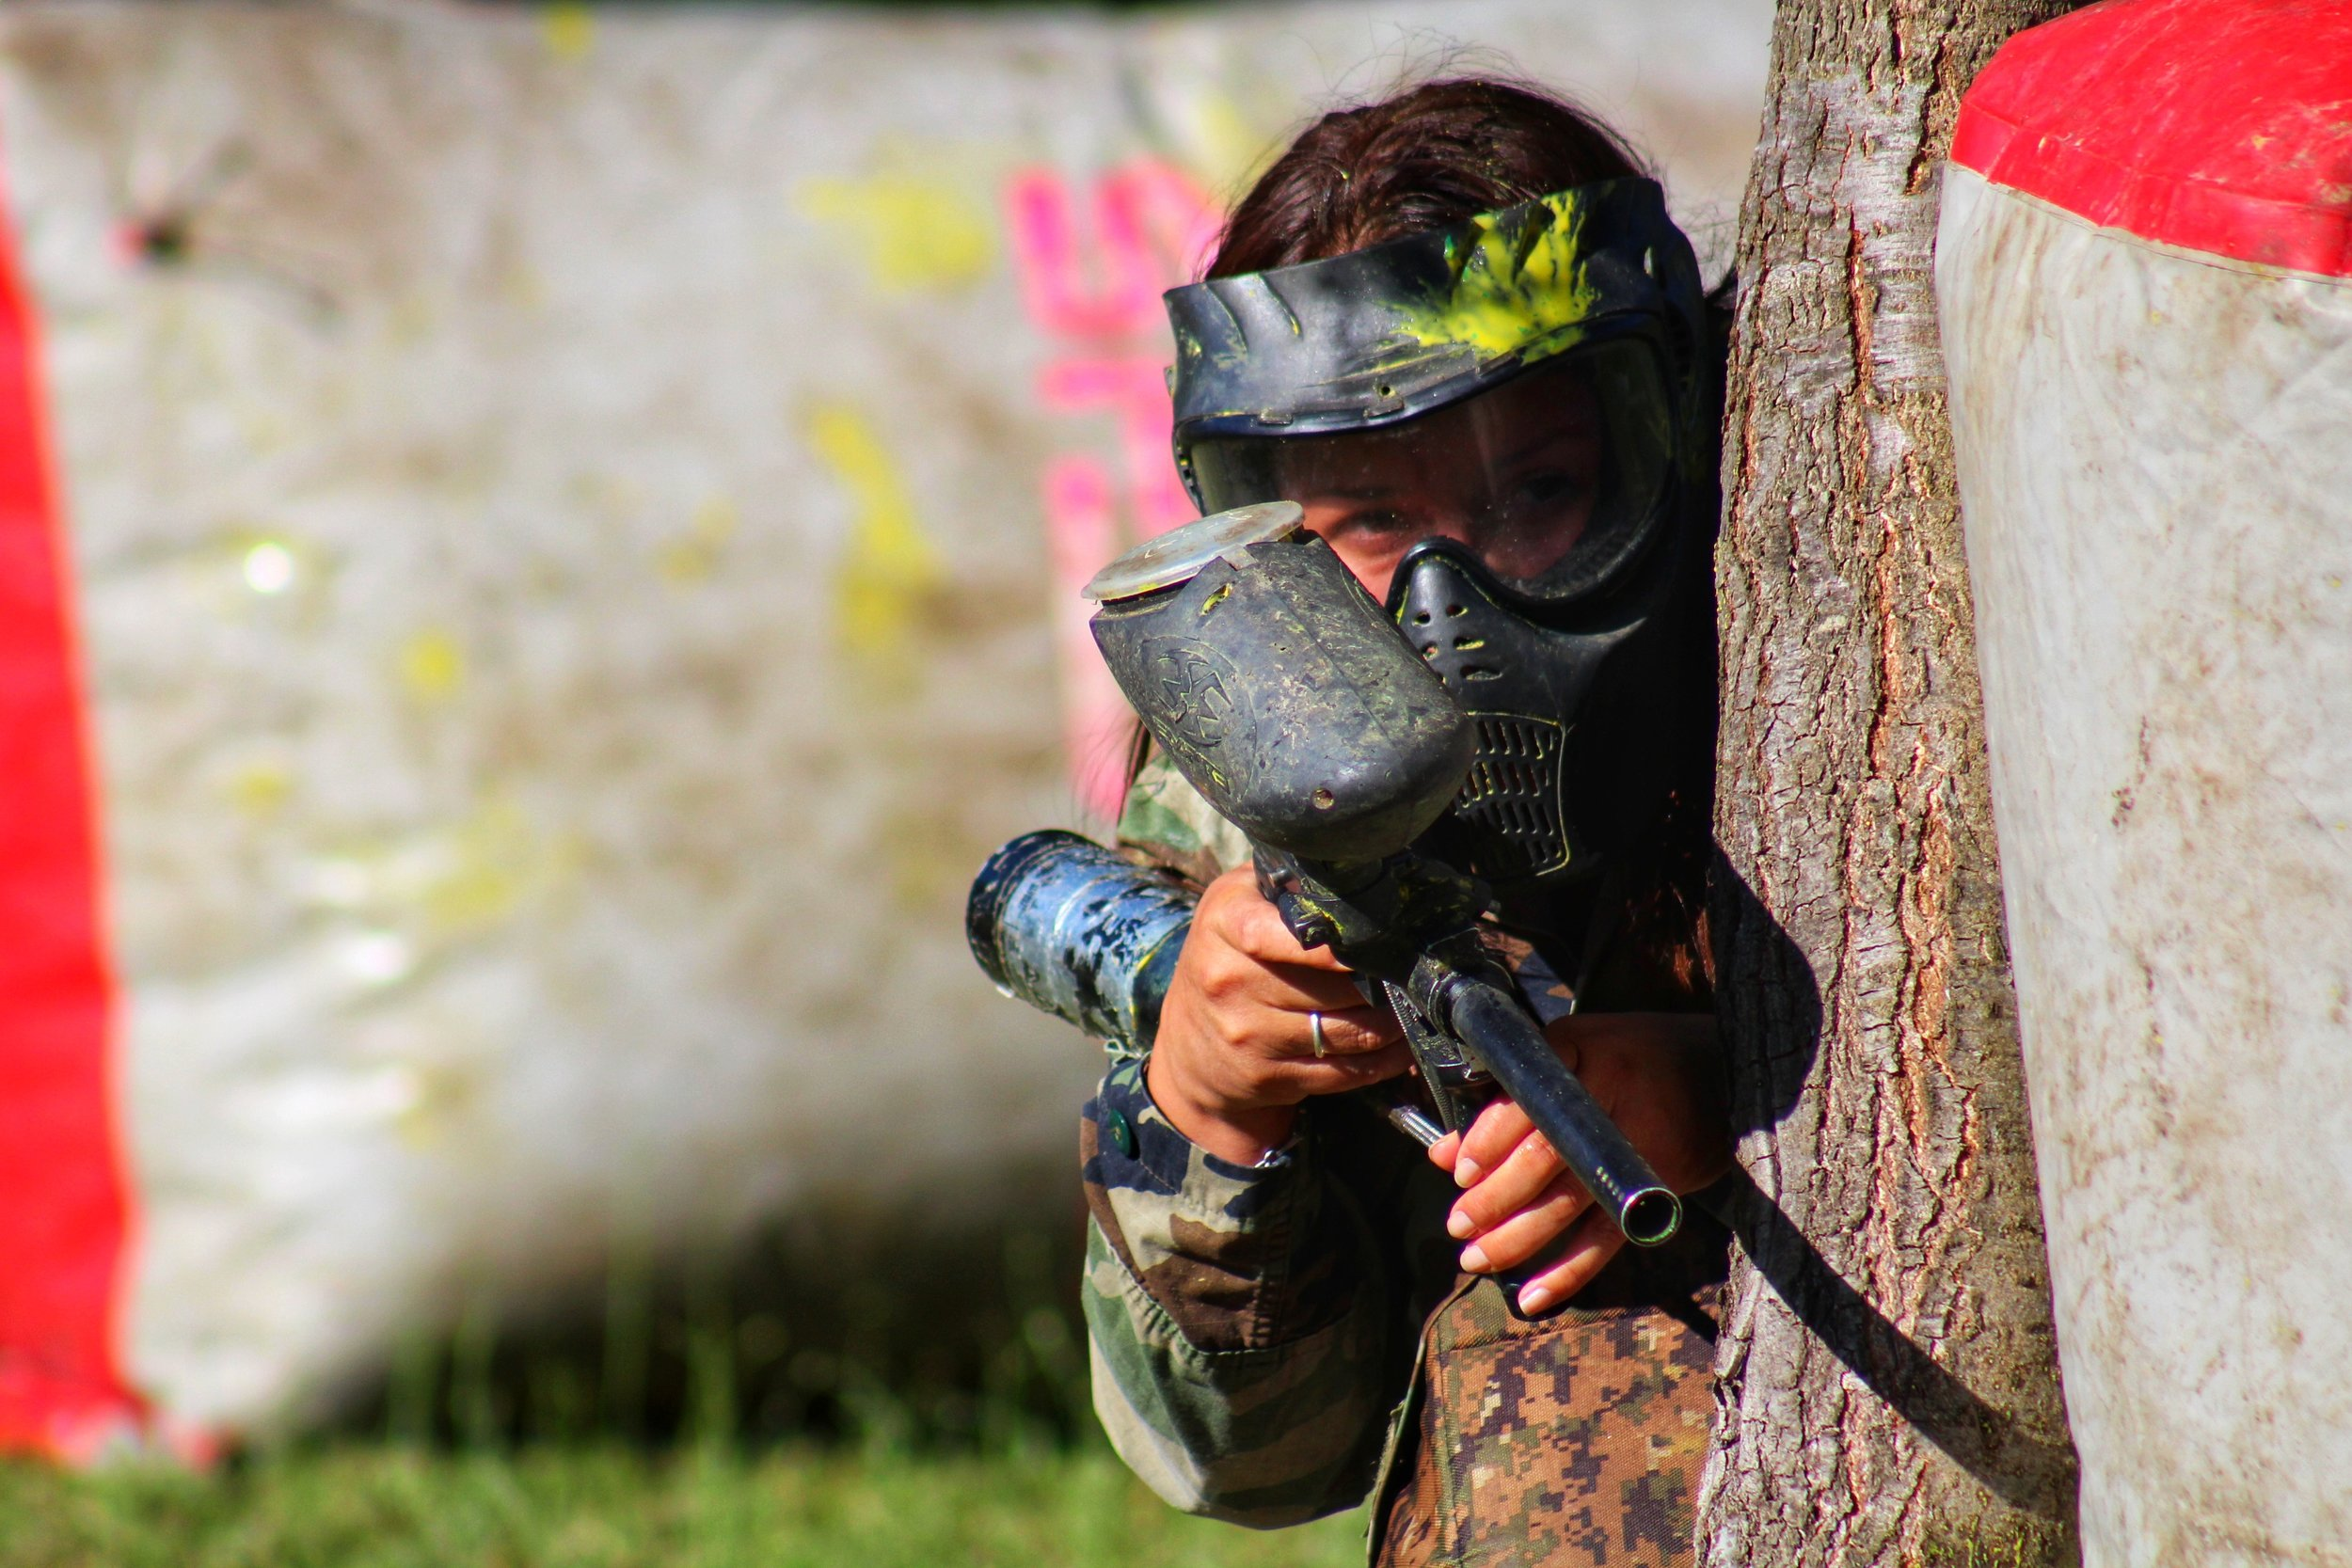 - Día PaintballEstrategia, adrenalina y a correr, cubrirse y disparar que mejor manera de soltar tensiones trabajando en equipo. Ven a conocer nuestro paintball situado en un amplio prado rodeado de arboles y una hermosa vista.